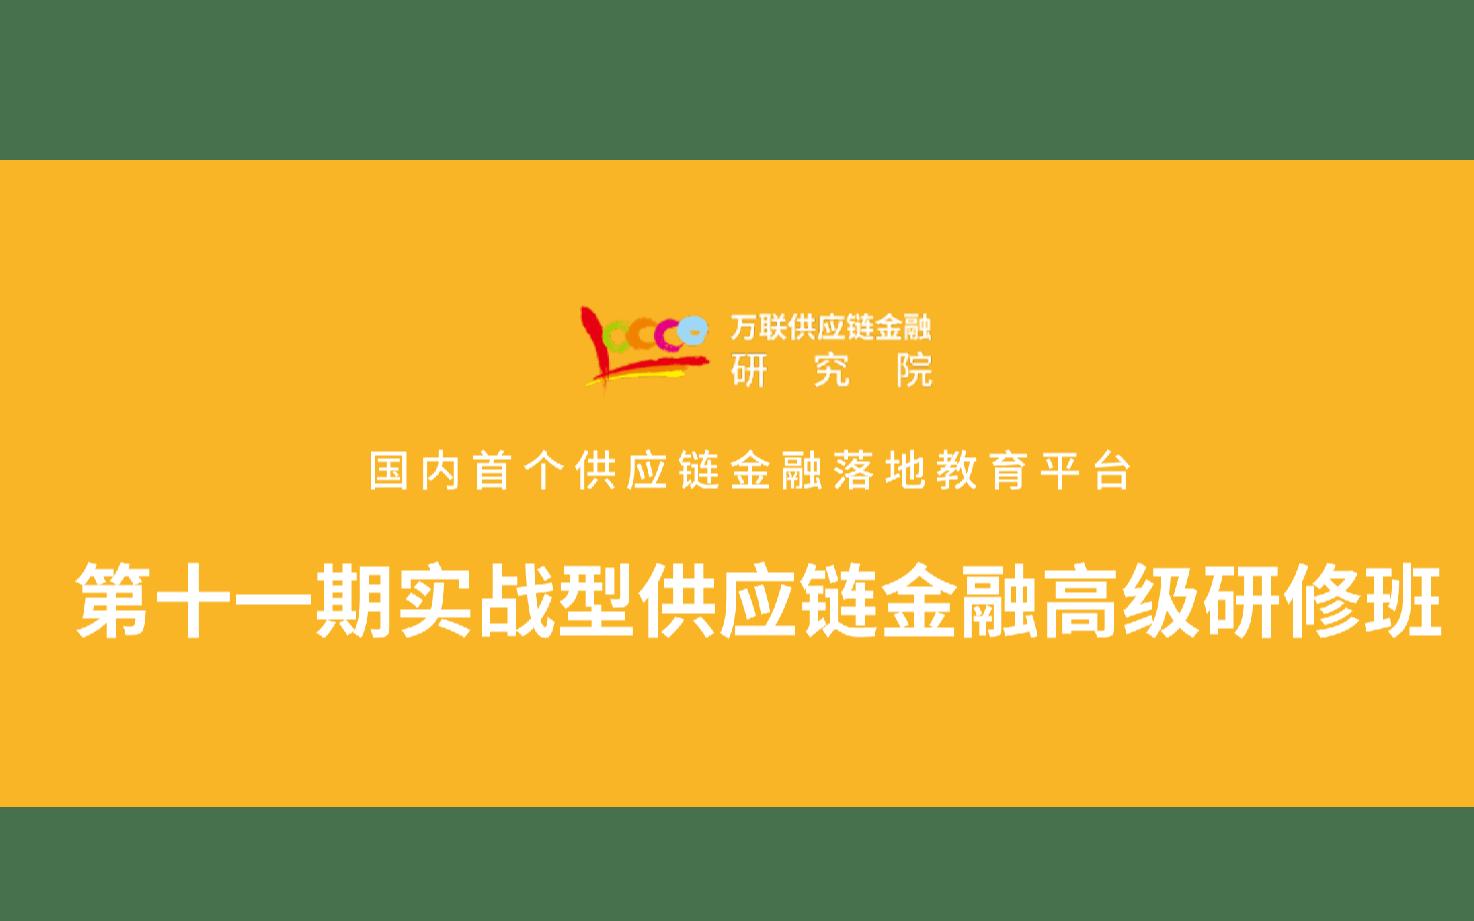 2020供应链金融团队特训营——产互平台构建与运营专题(深圳办)